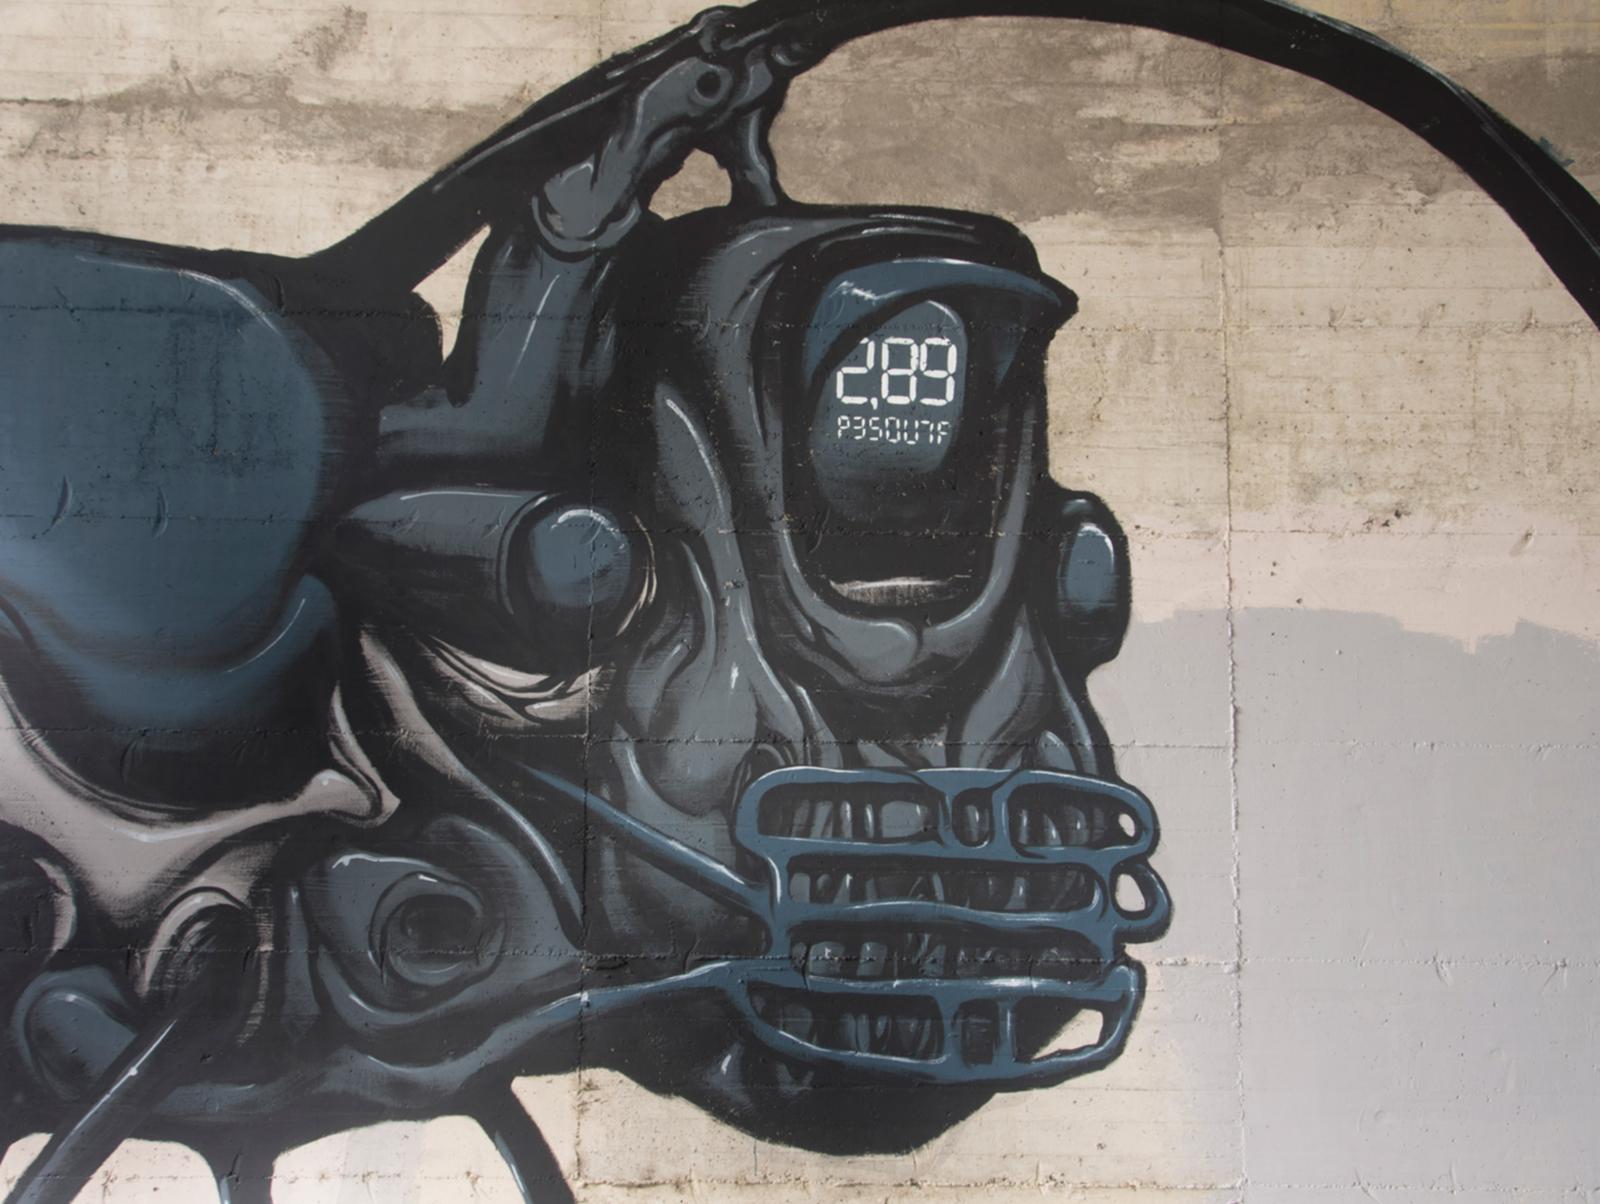 Nemo's-dissensocognitivo-natura-morta-mural-02